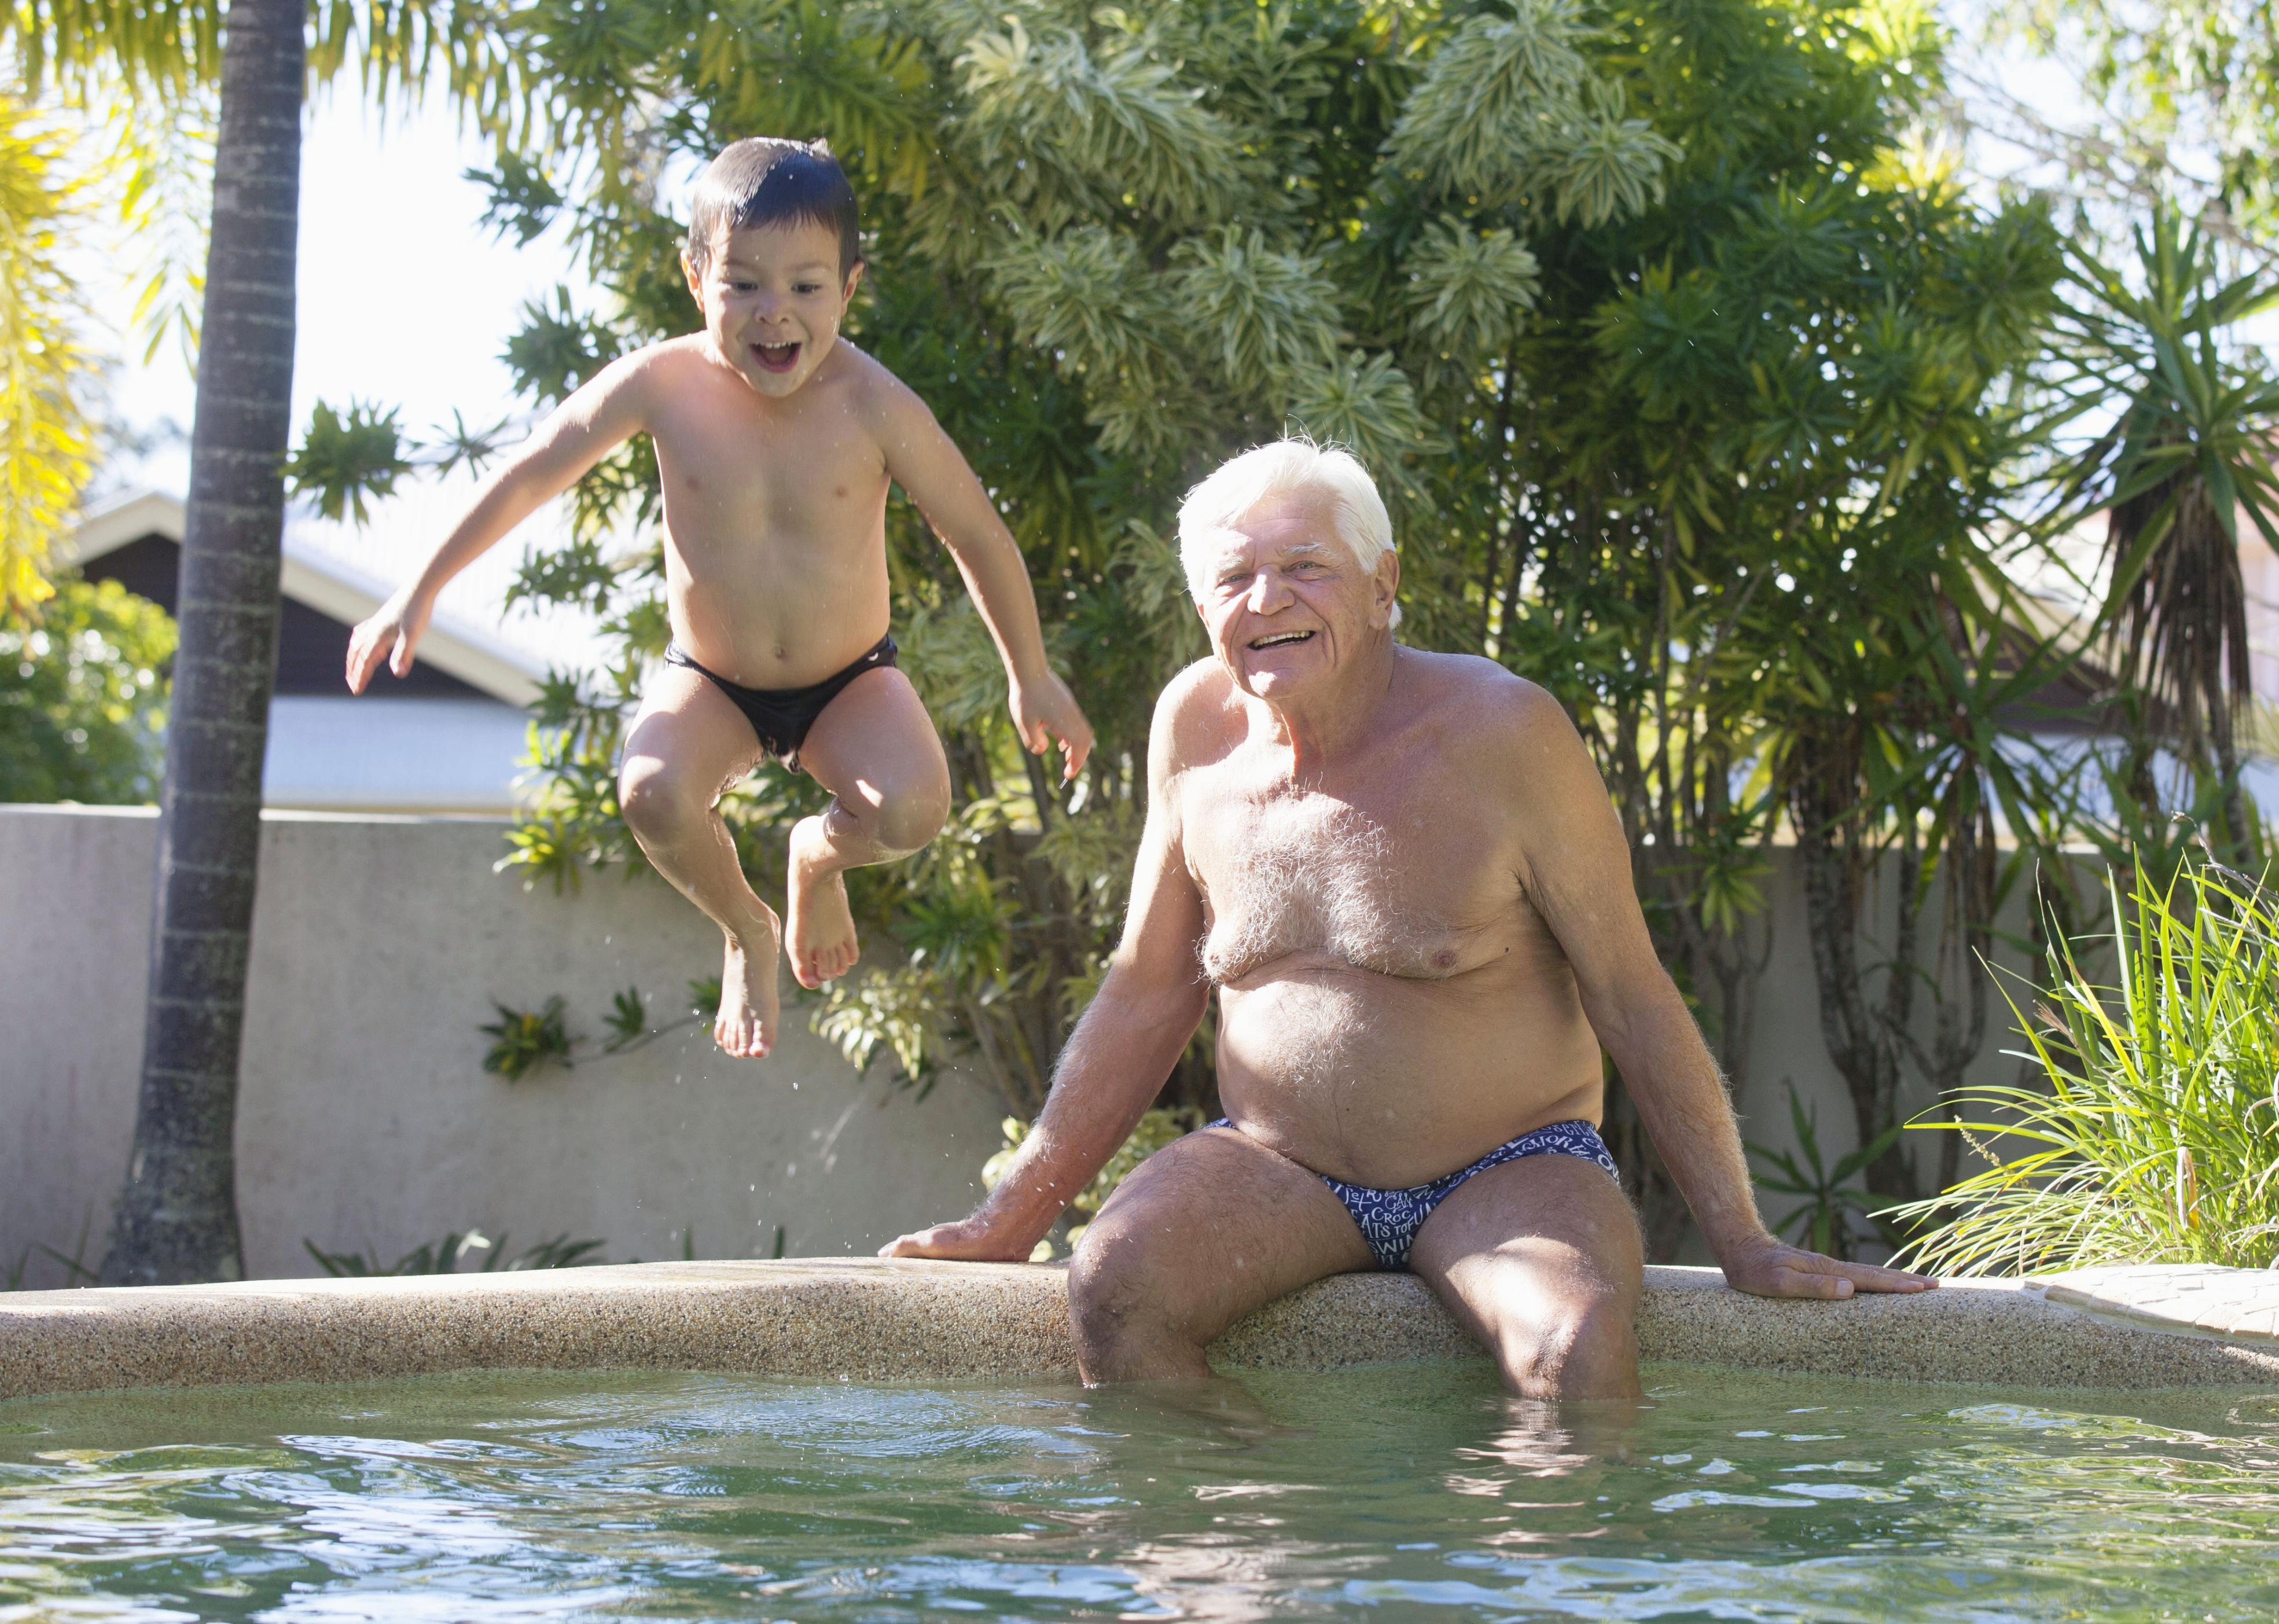 孫タイソン君と自宅のプールで遊ぶジョン・コンラッズ。元気に飛び込む姿を笑顔で見守っていた=オーストラリア・ヌーサ(撮影・金森マユ、共同)